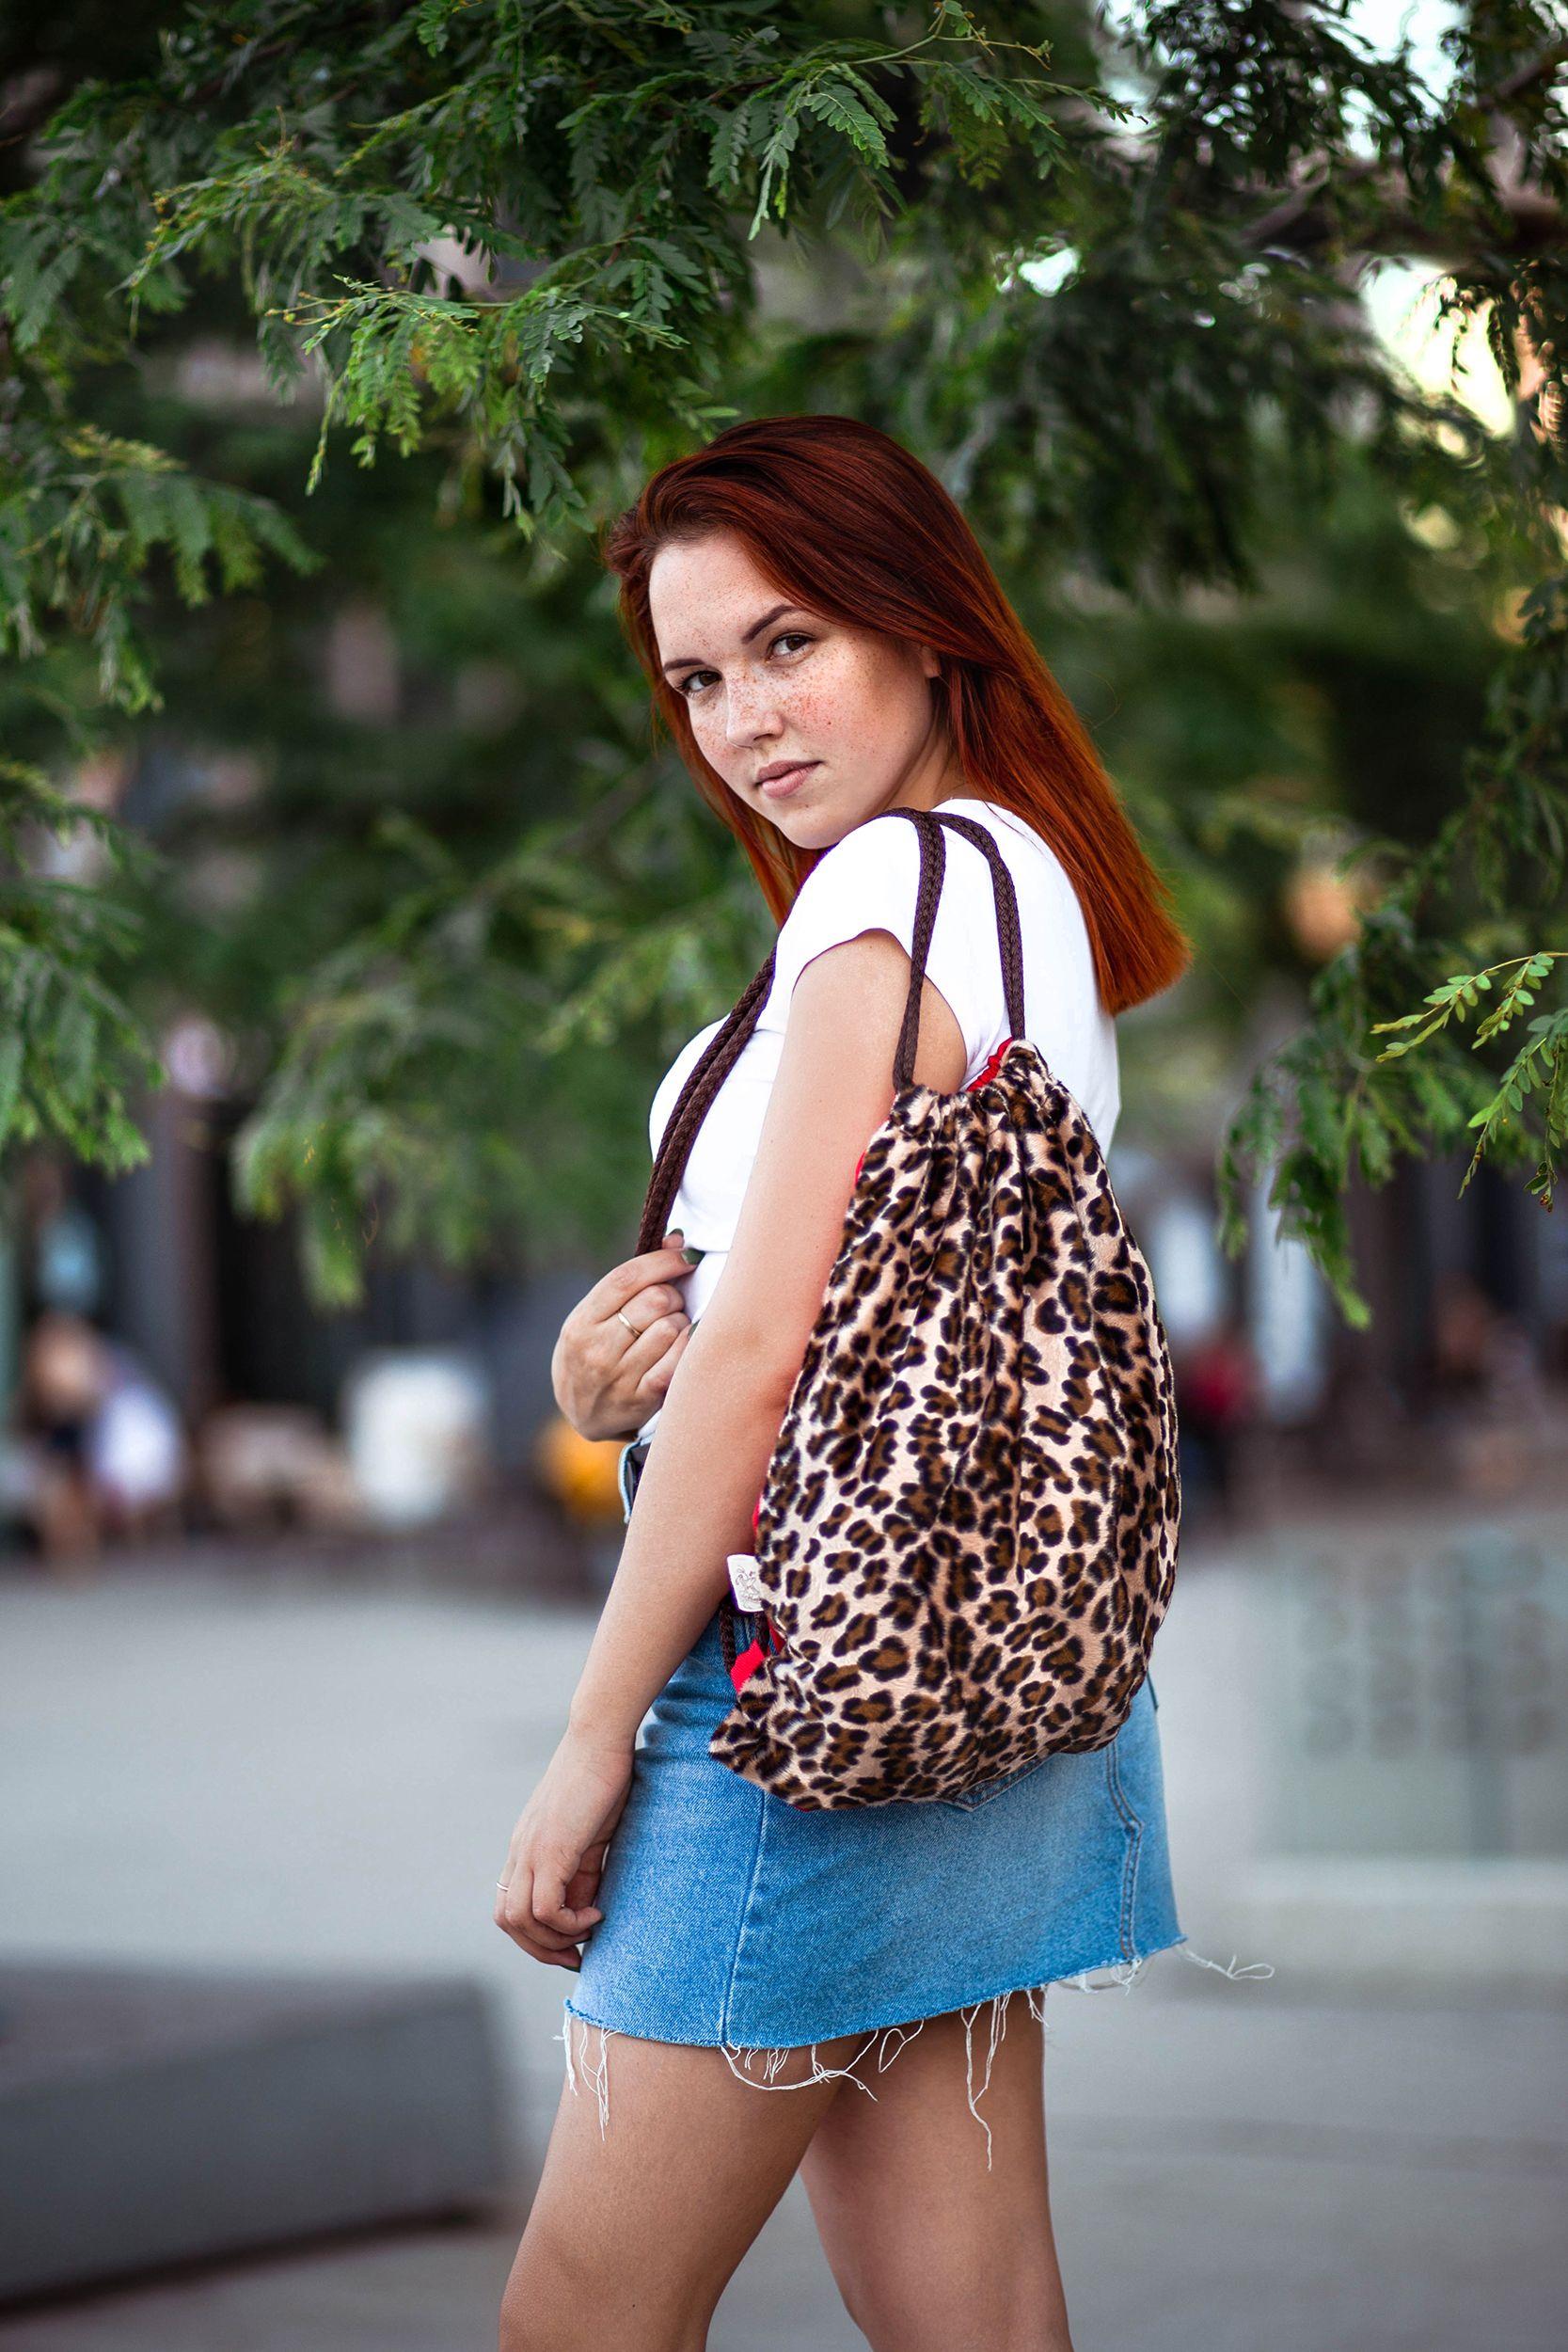 Plecak Worek Lampart Sakiewka Aleworek Pl Fashion Bags Hobo